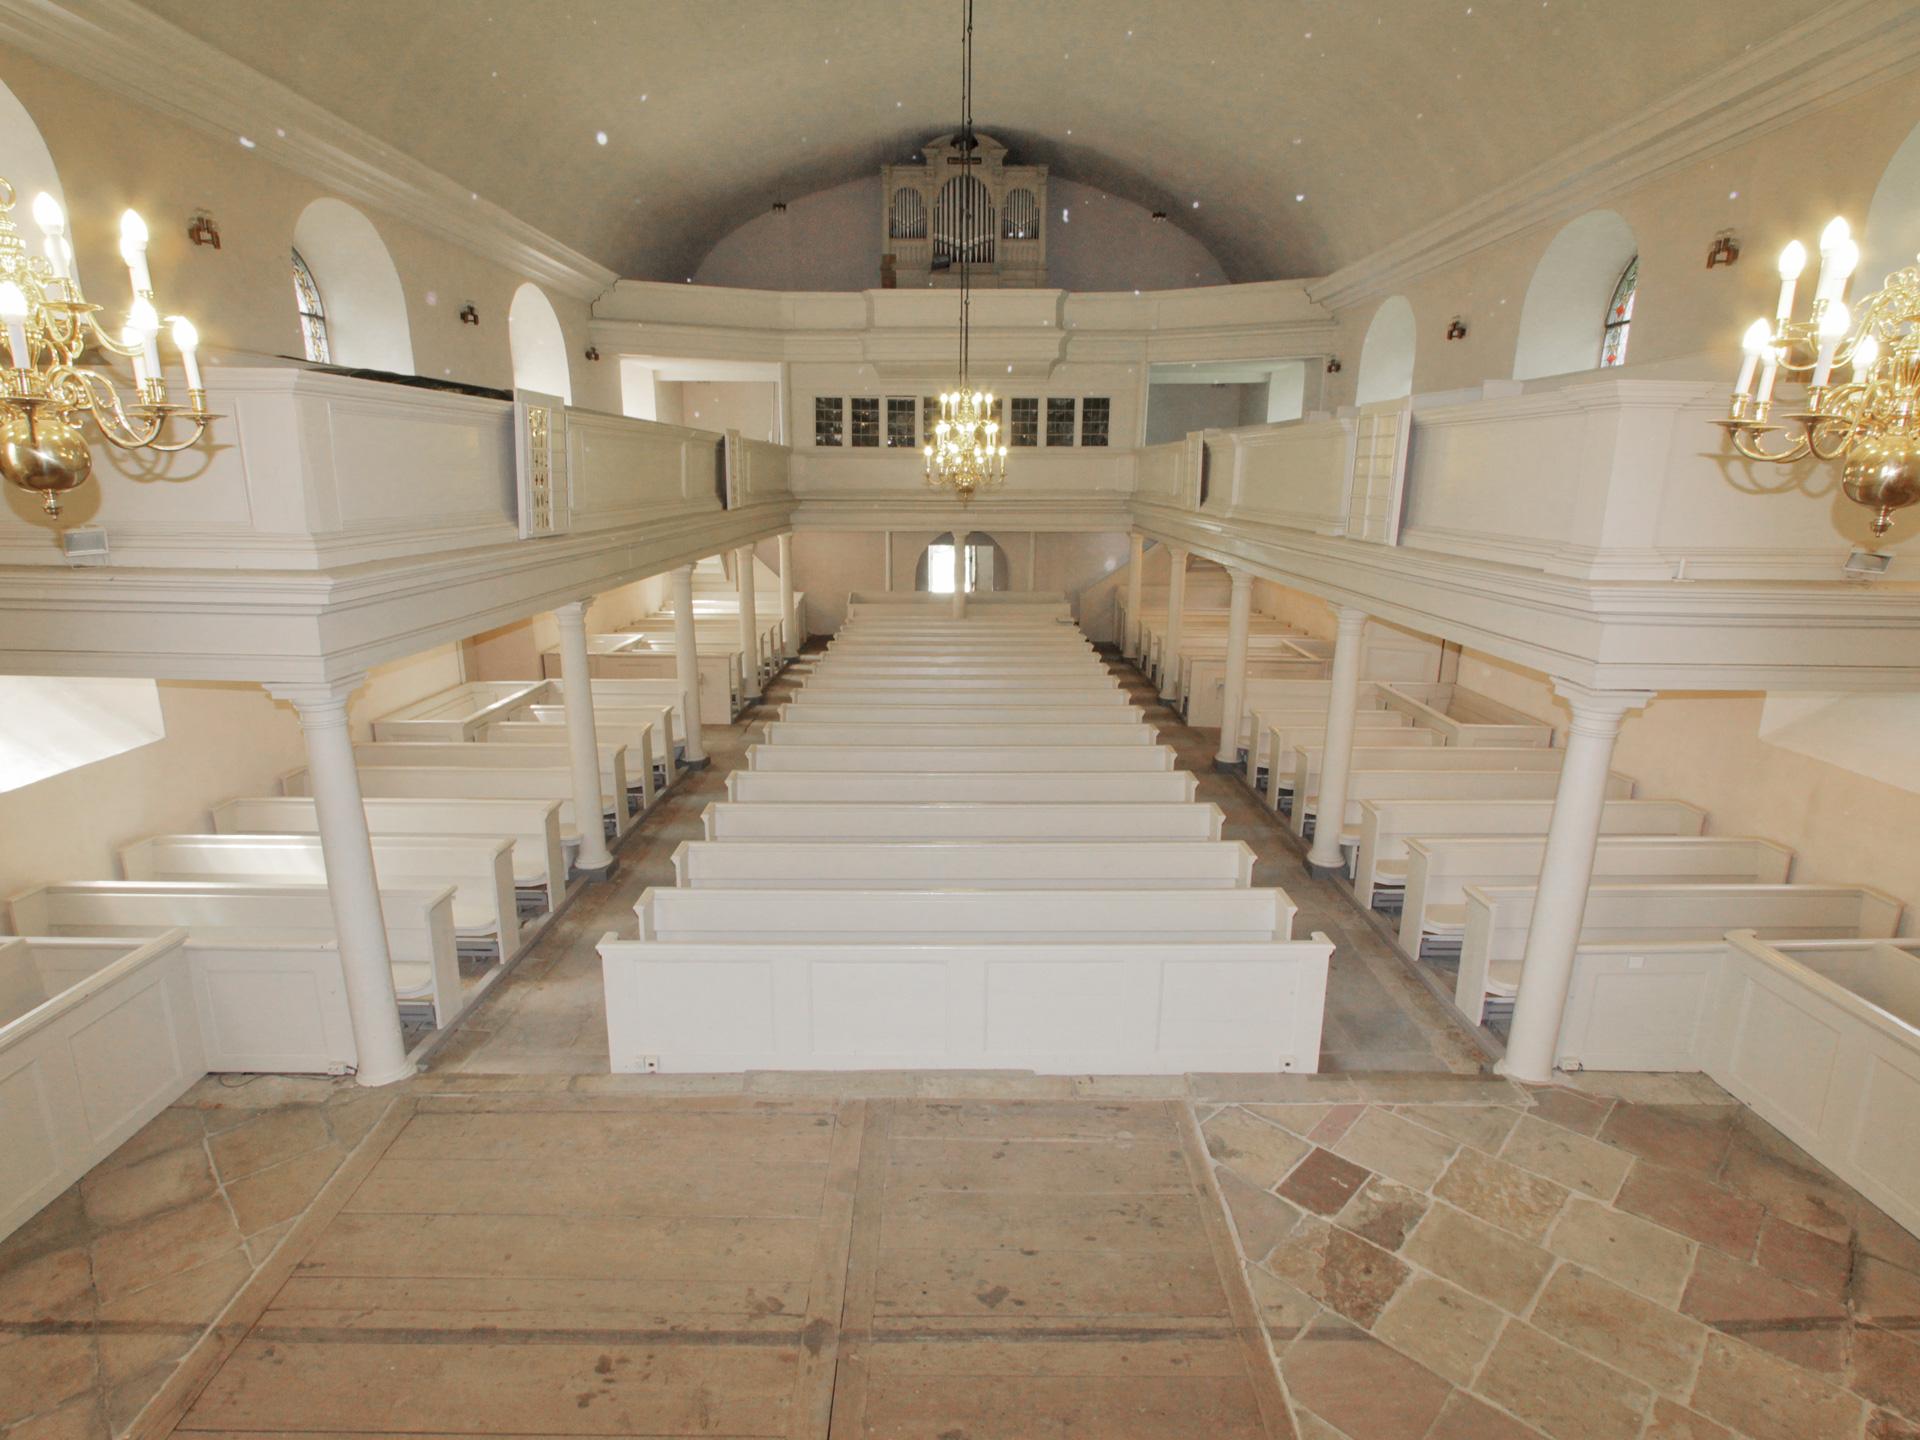 Kirche Restaurierung Aufbereitung Tischlerei Grobe